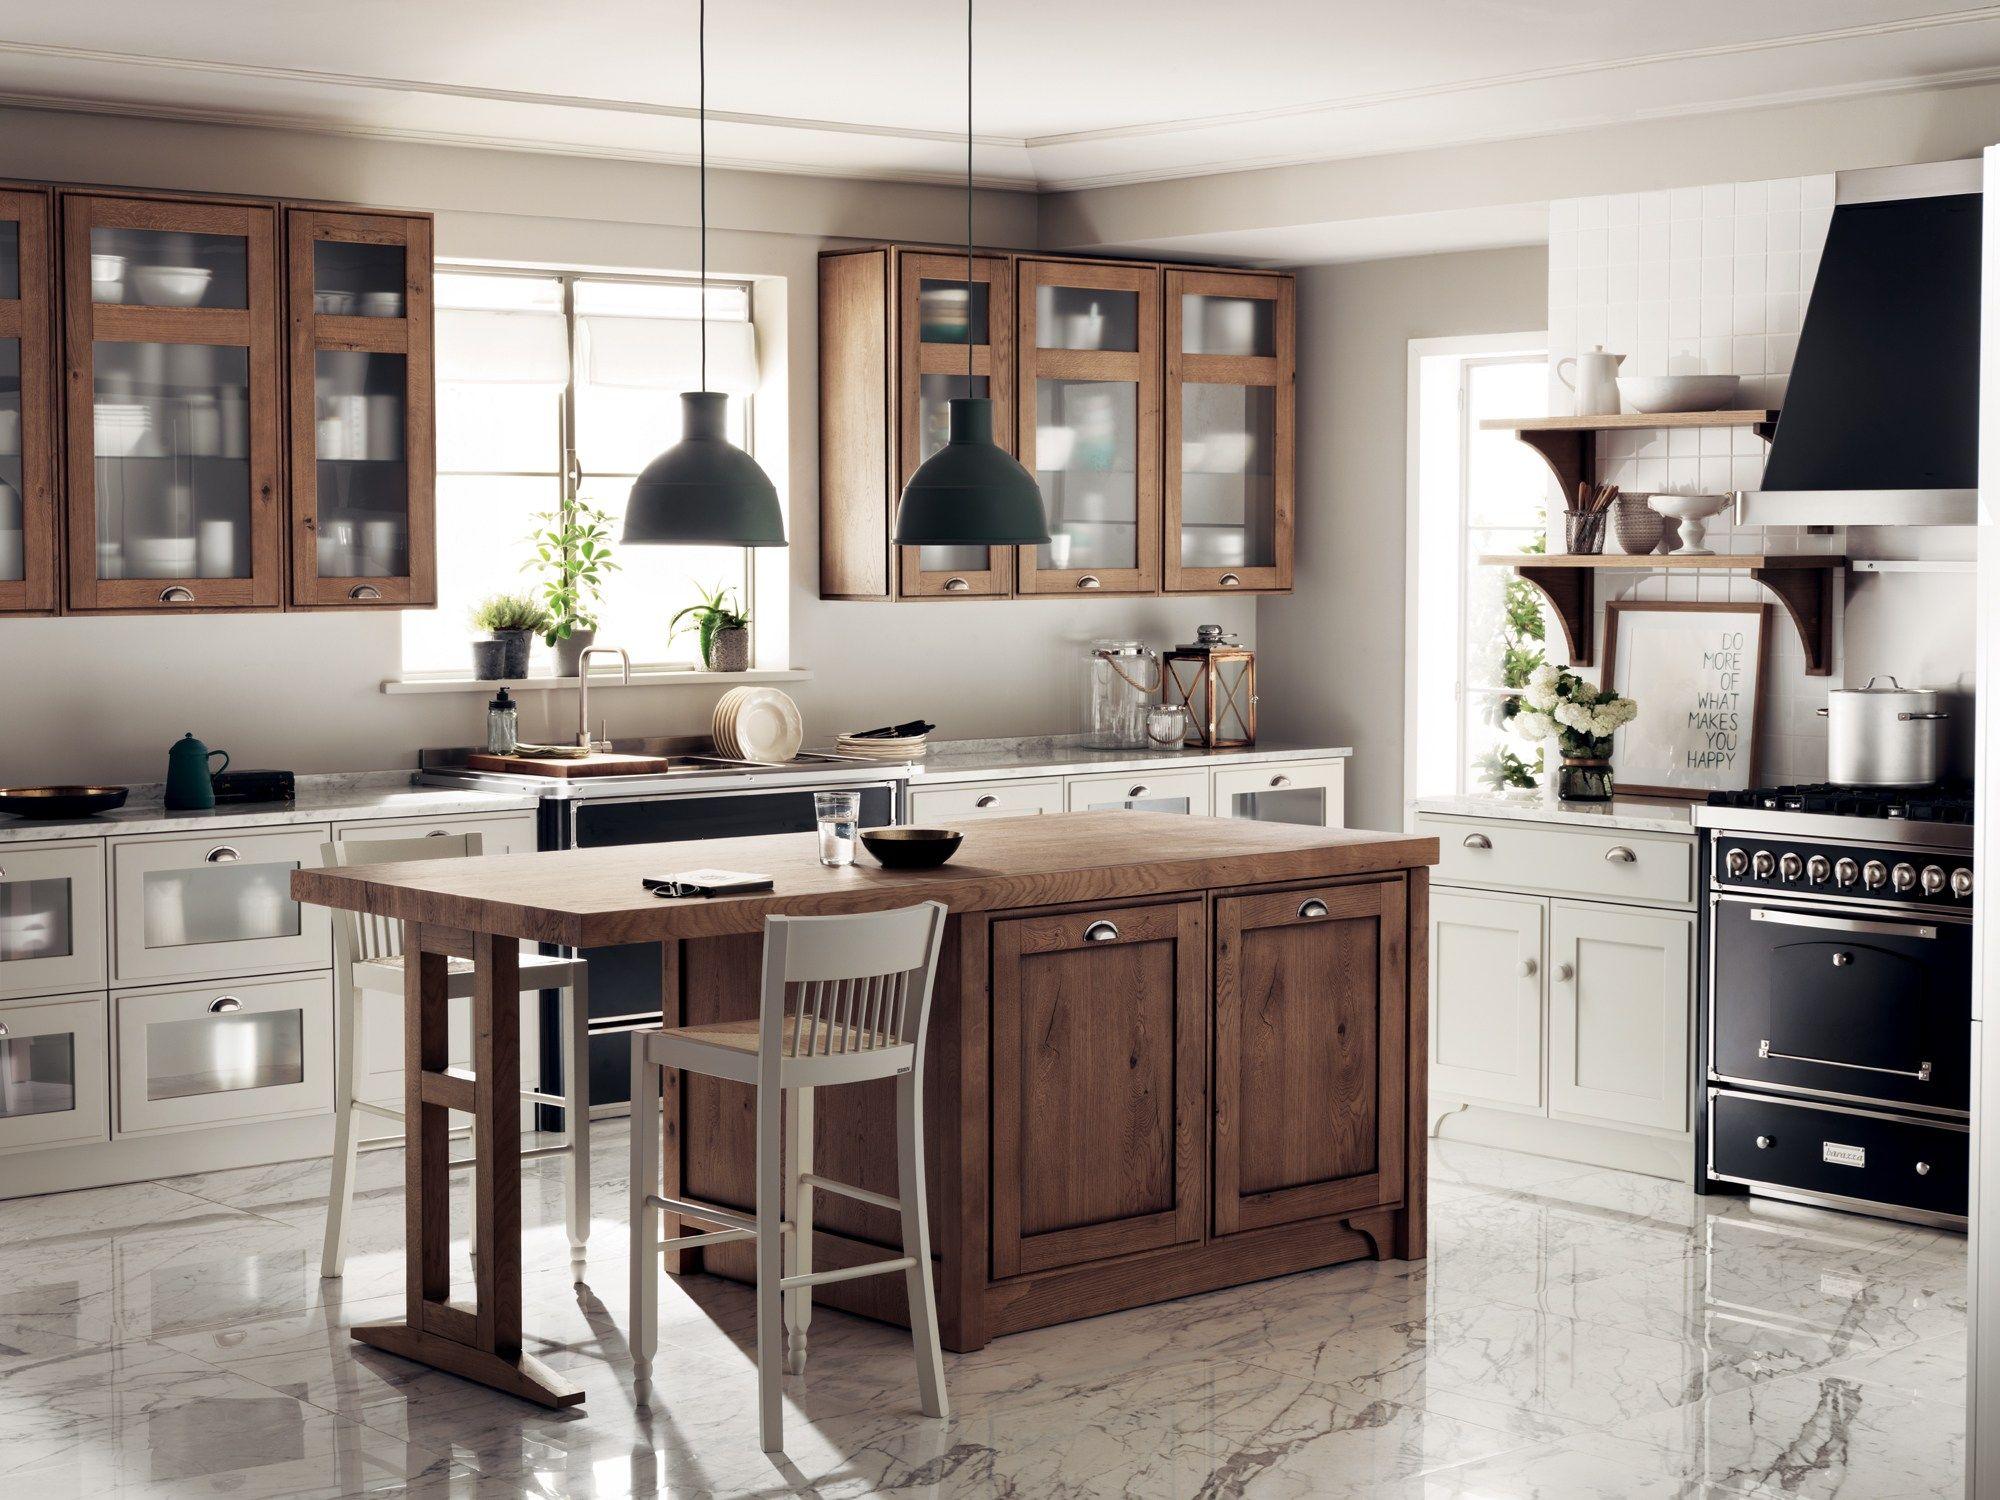 Scavolini Kitchens Fitted Kitchen Favilla Scavolini Linescavolini